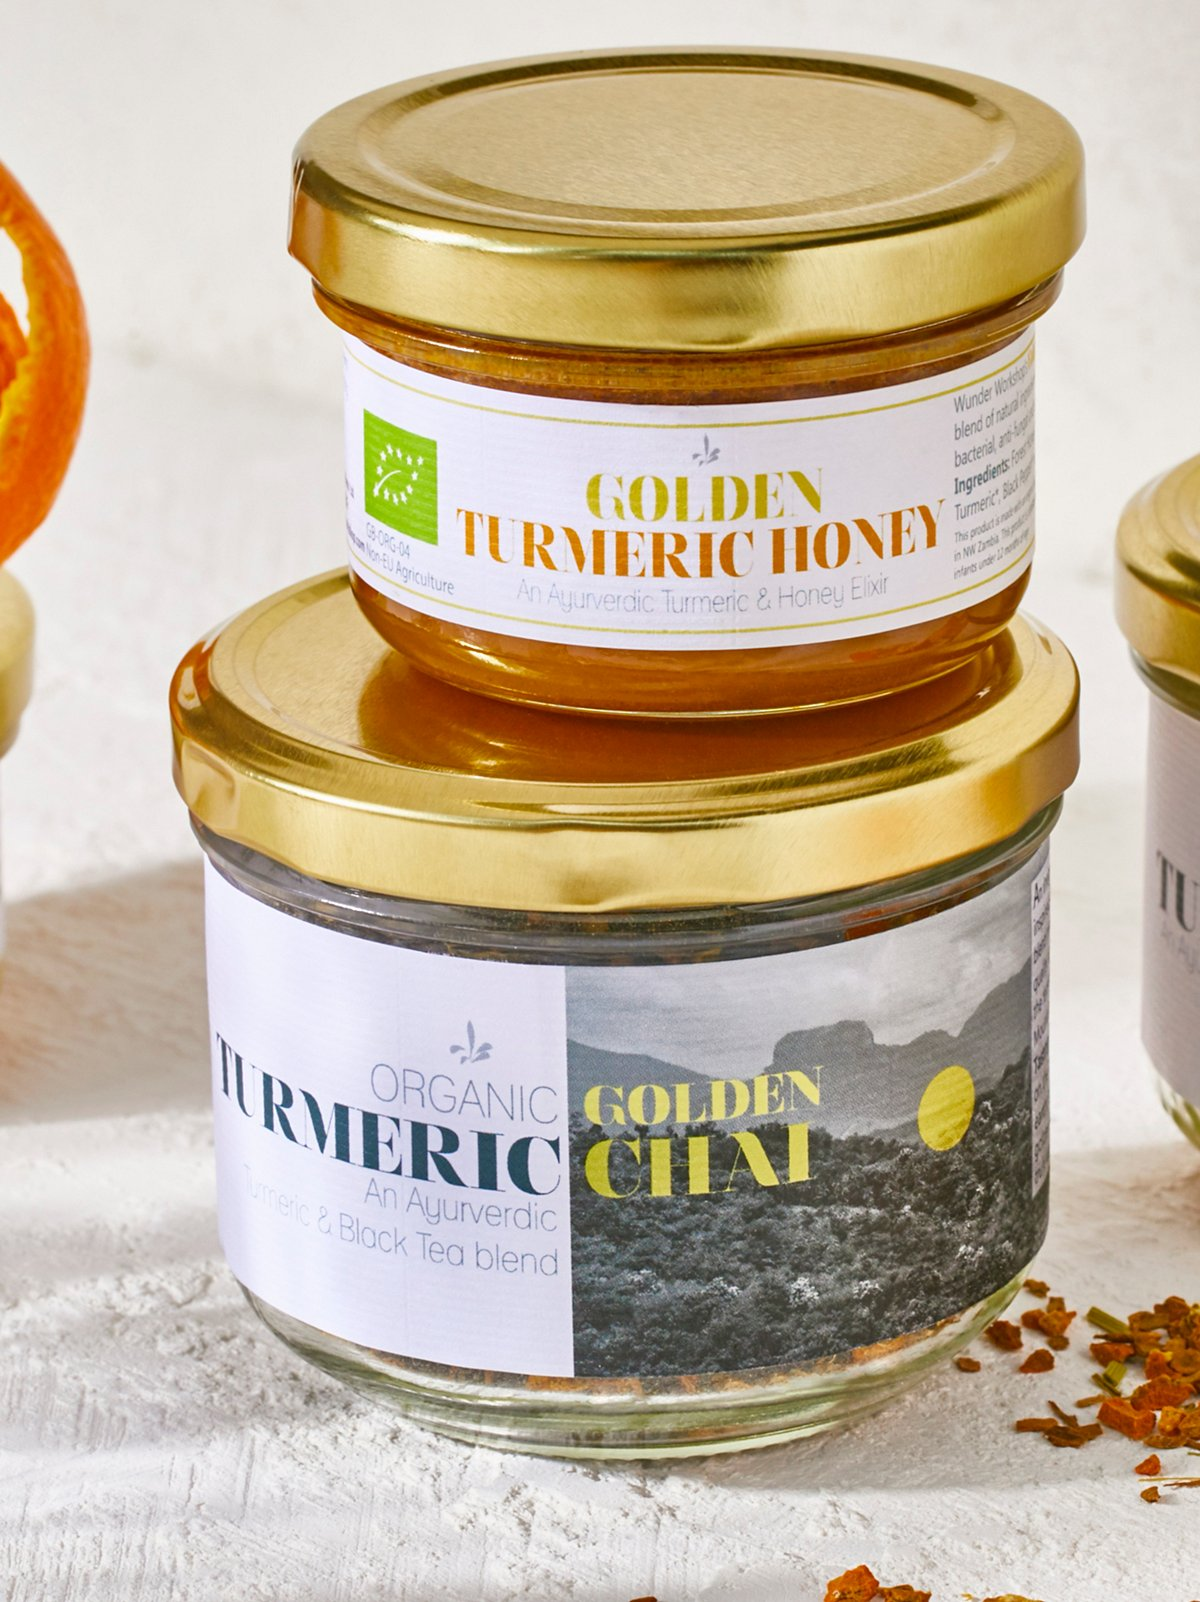 Golden姜黄蜂蜜